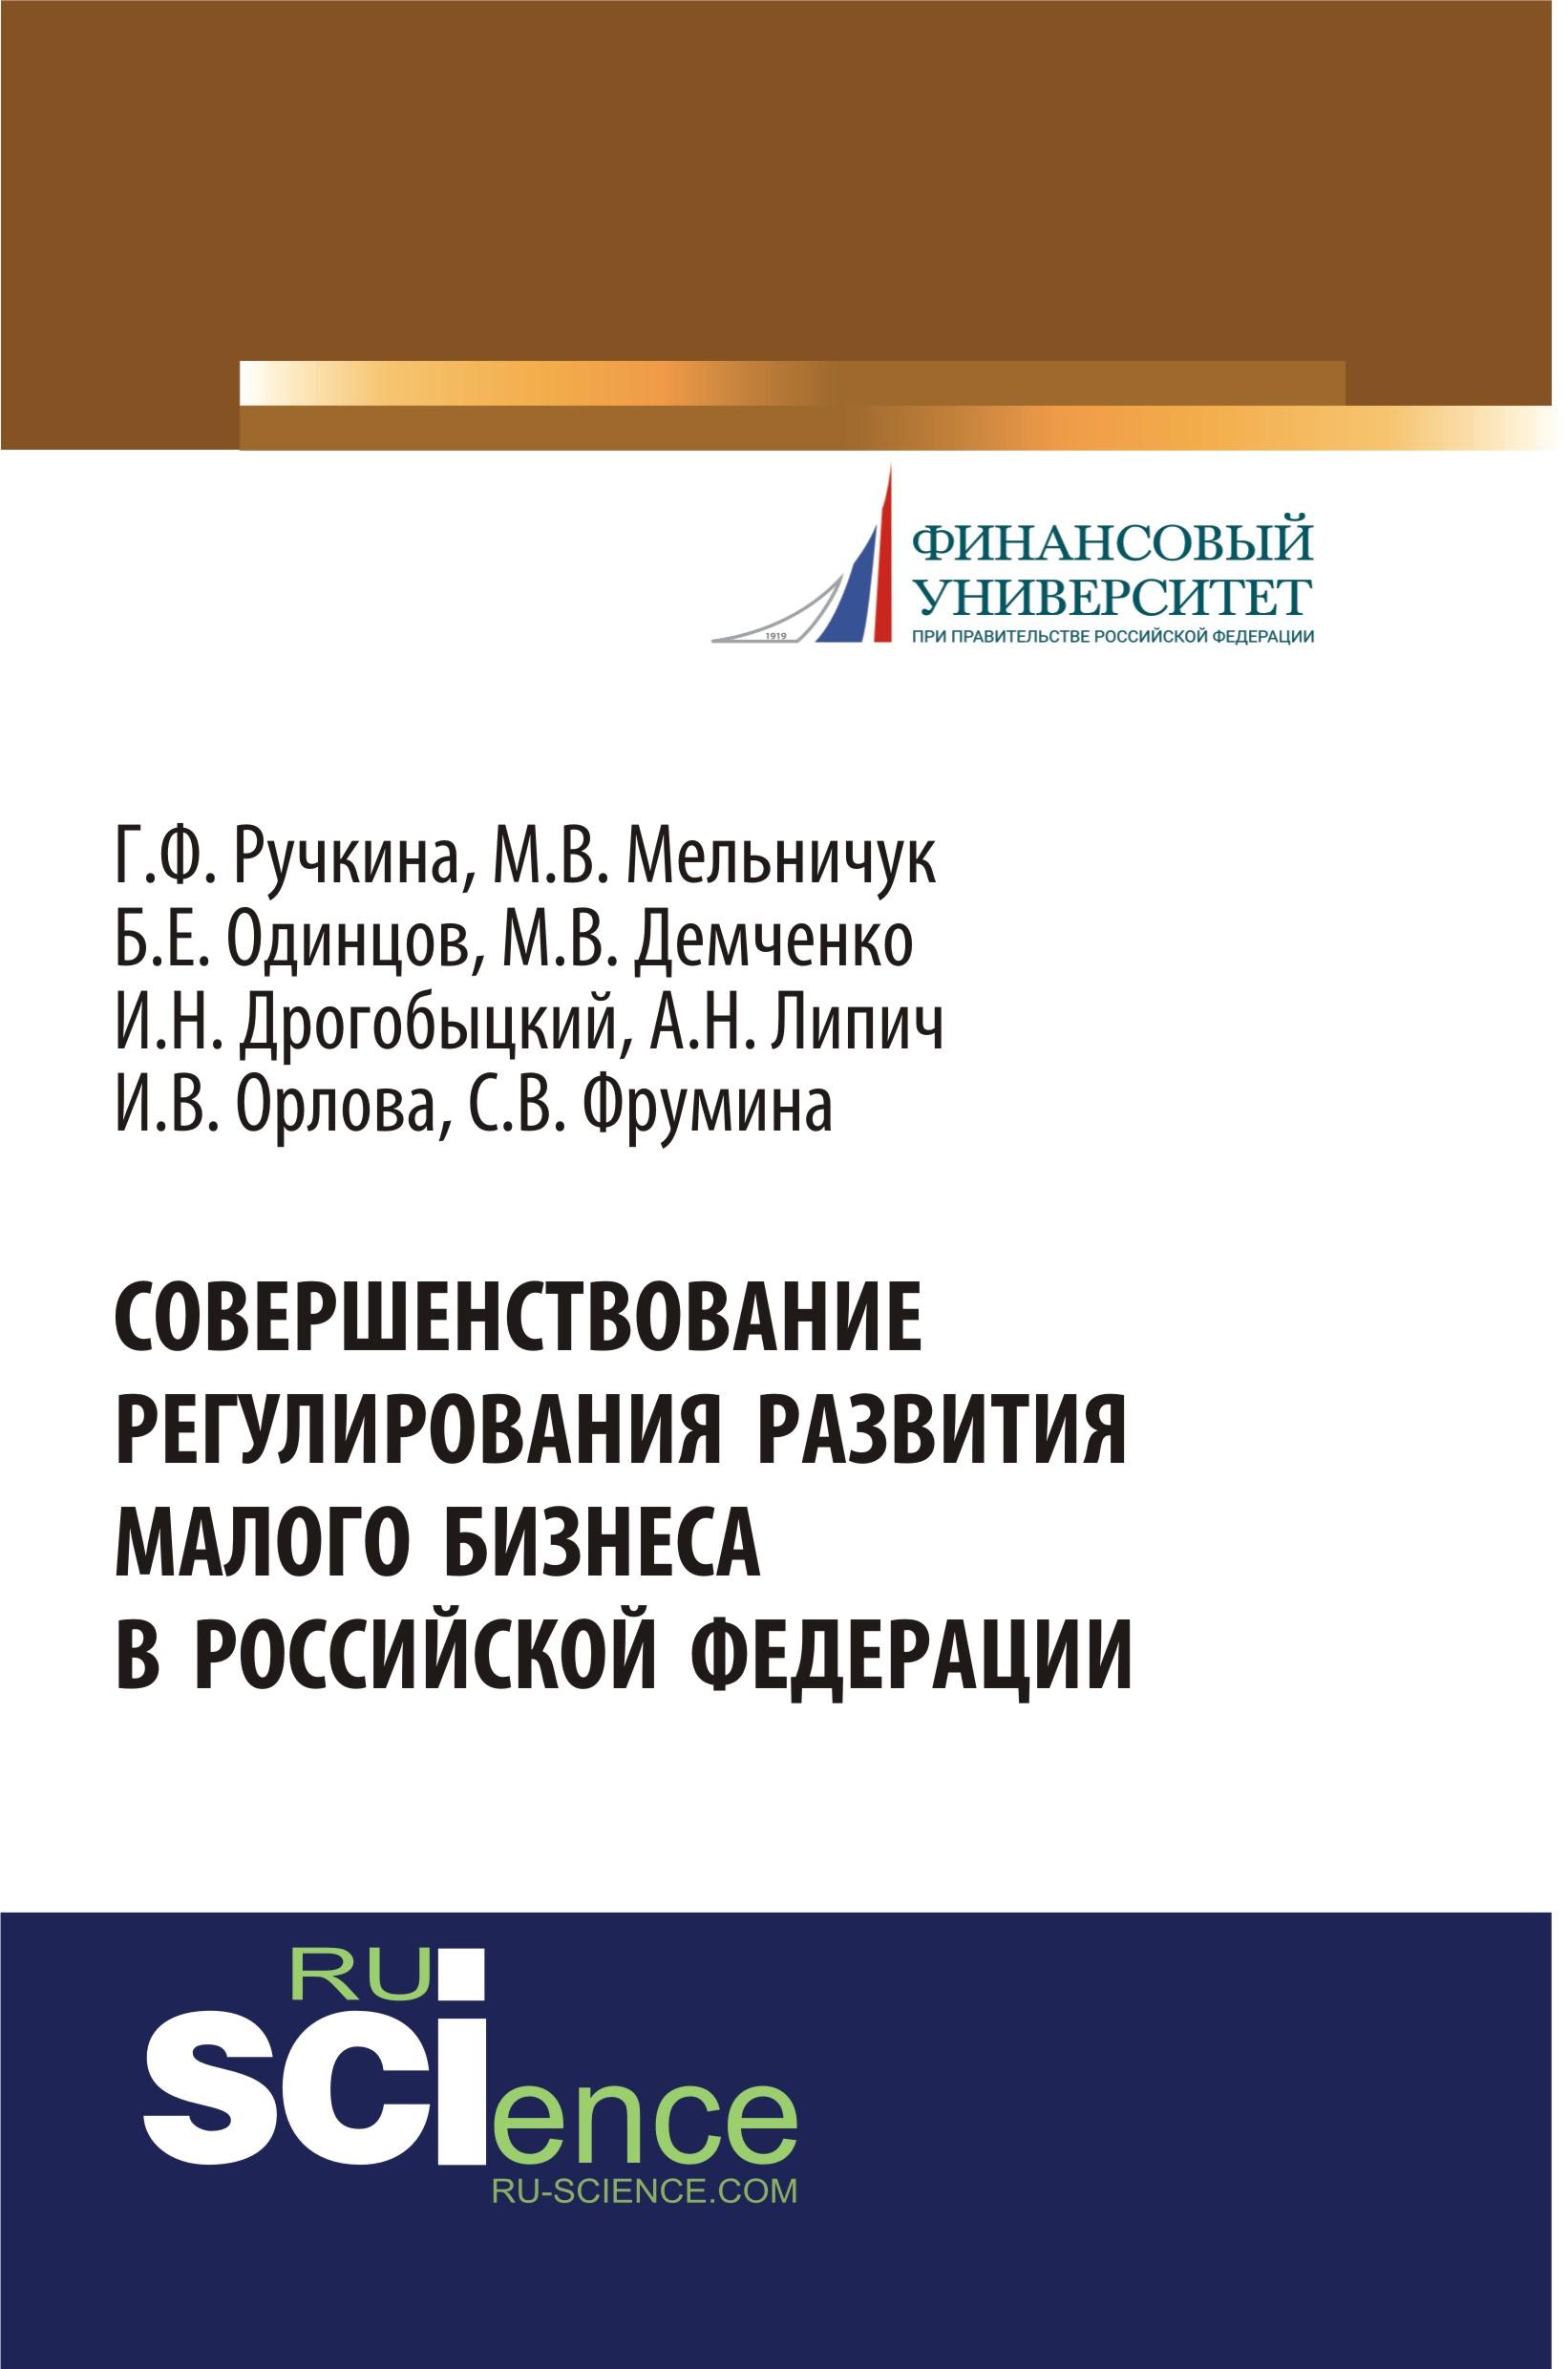 Совершенствование регулирования развития малого бизнеса в Российской Федерации